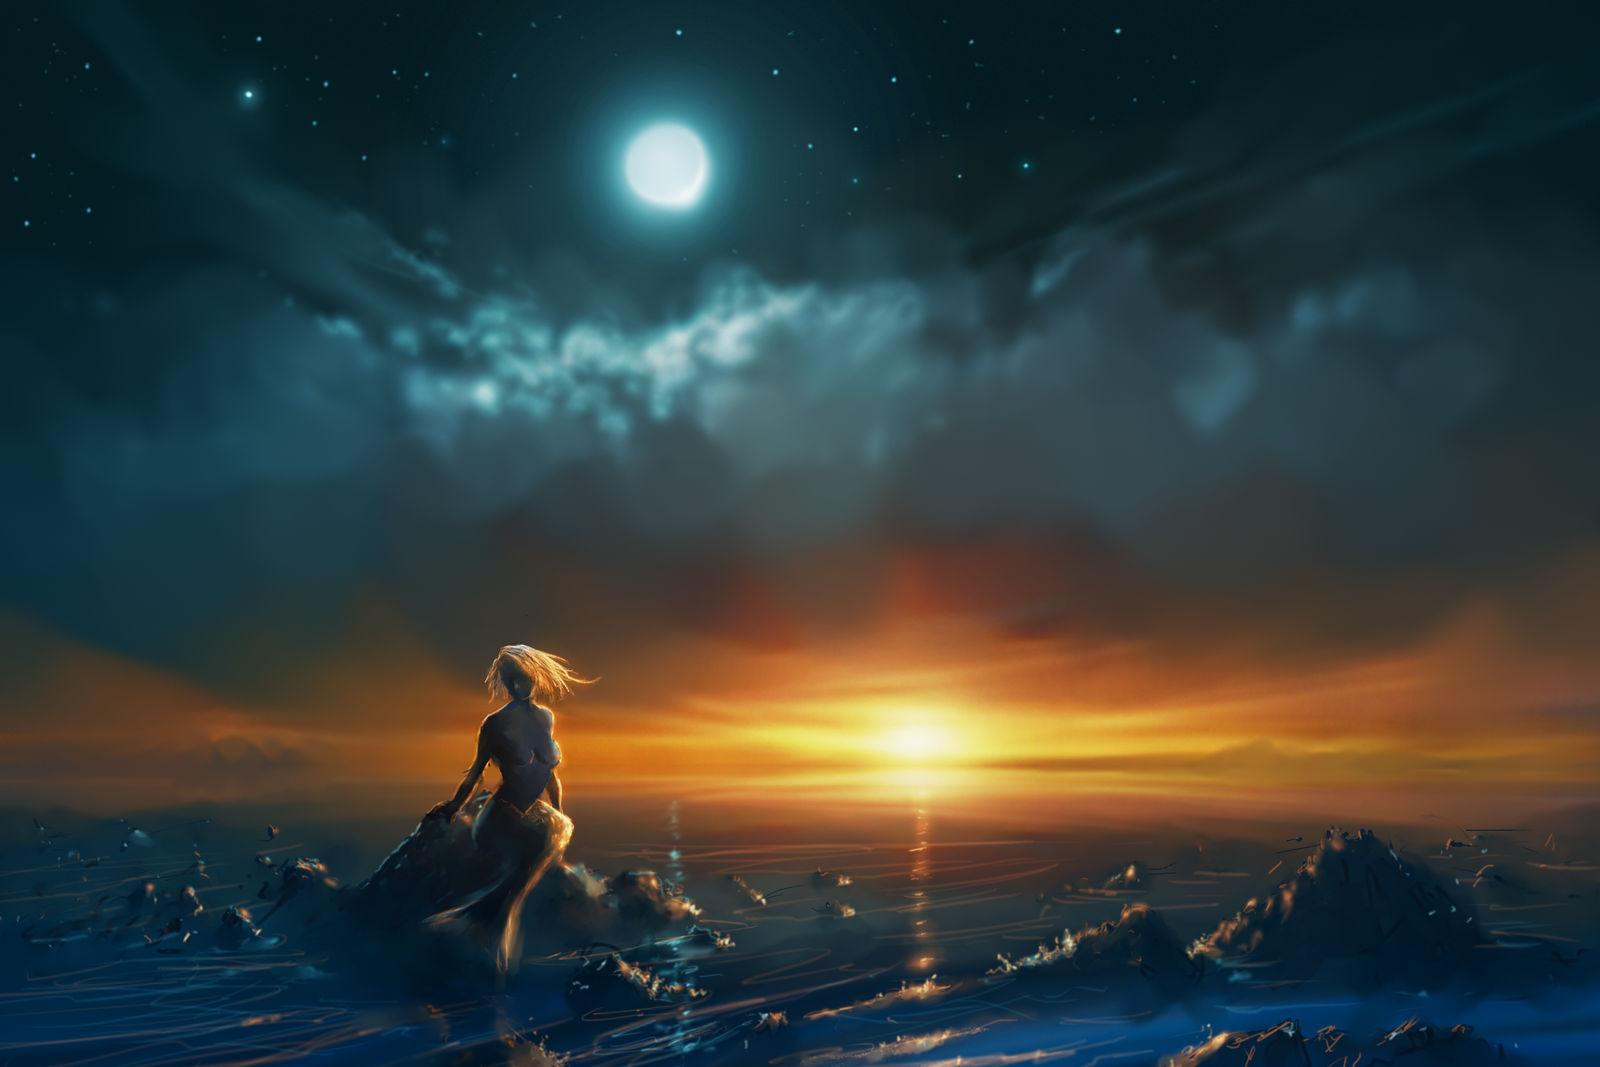 Mermaid Shore